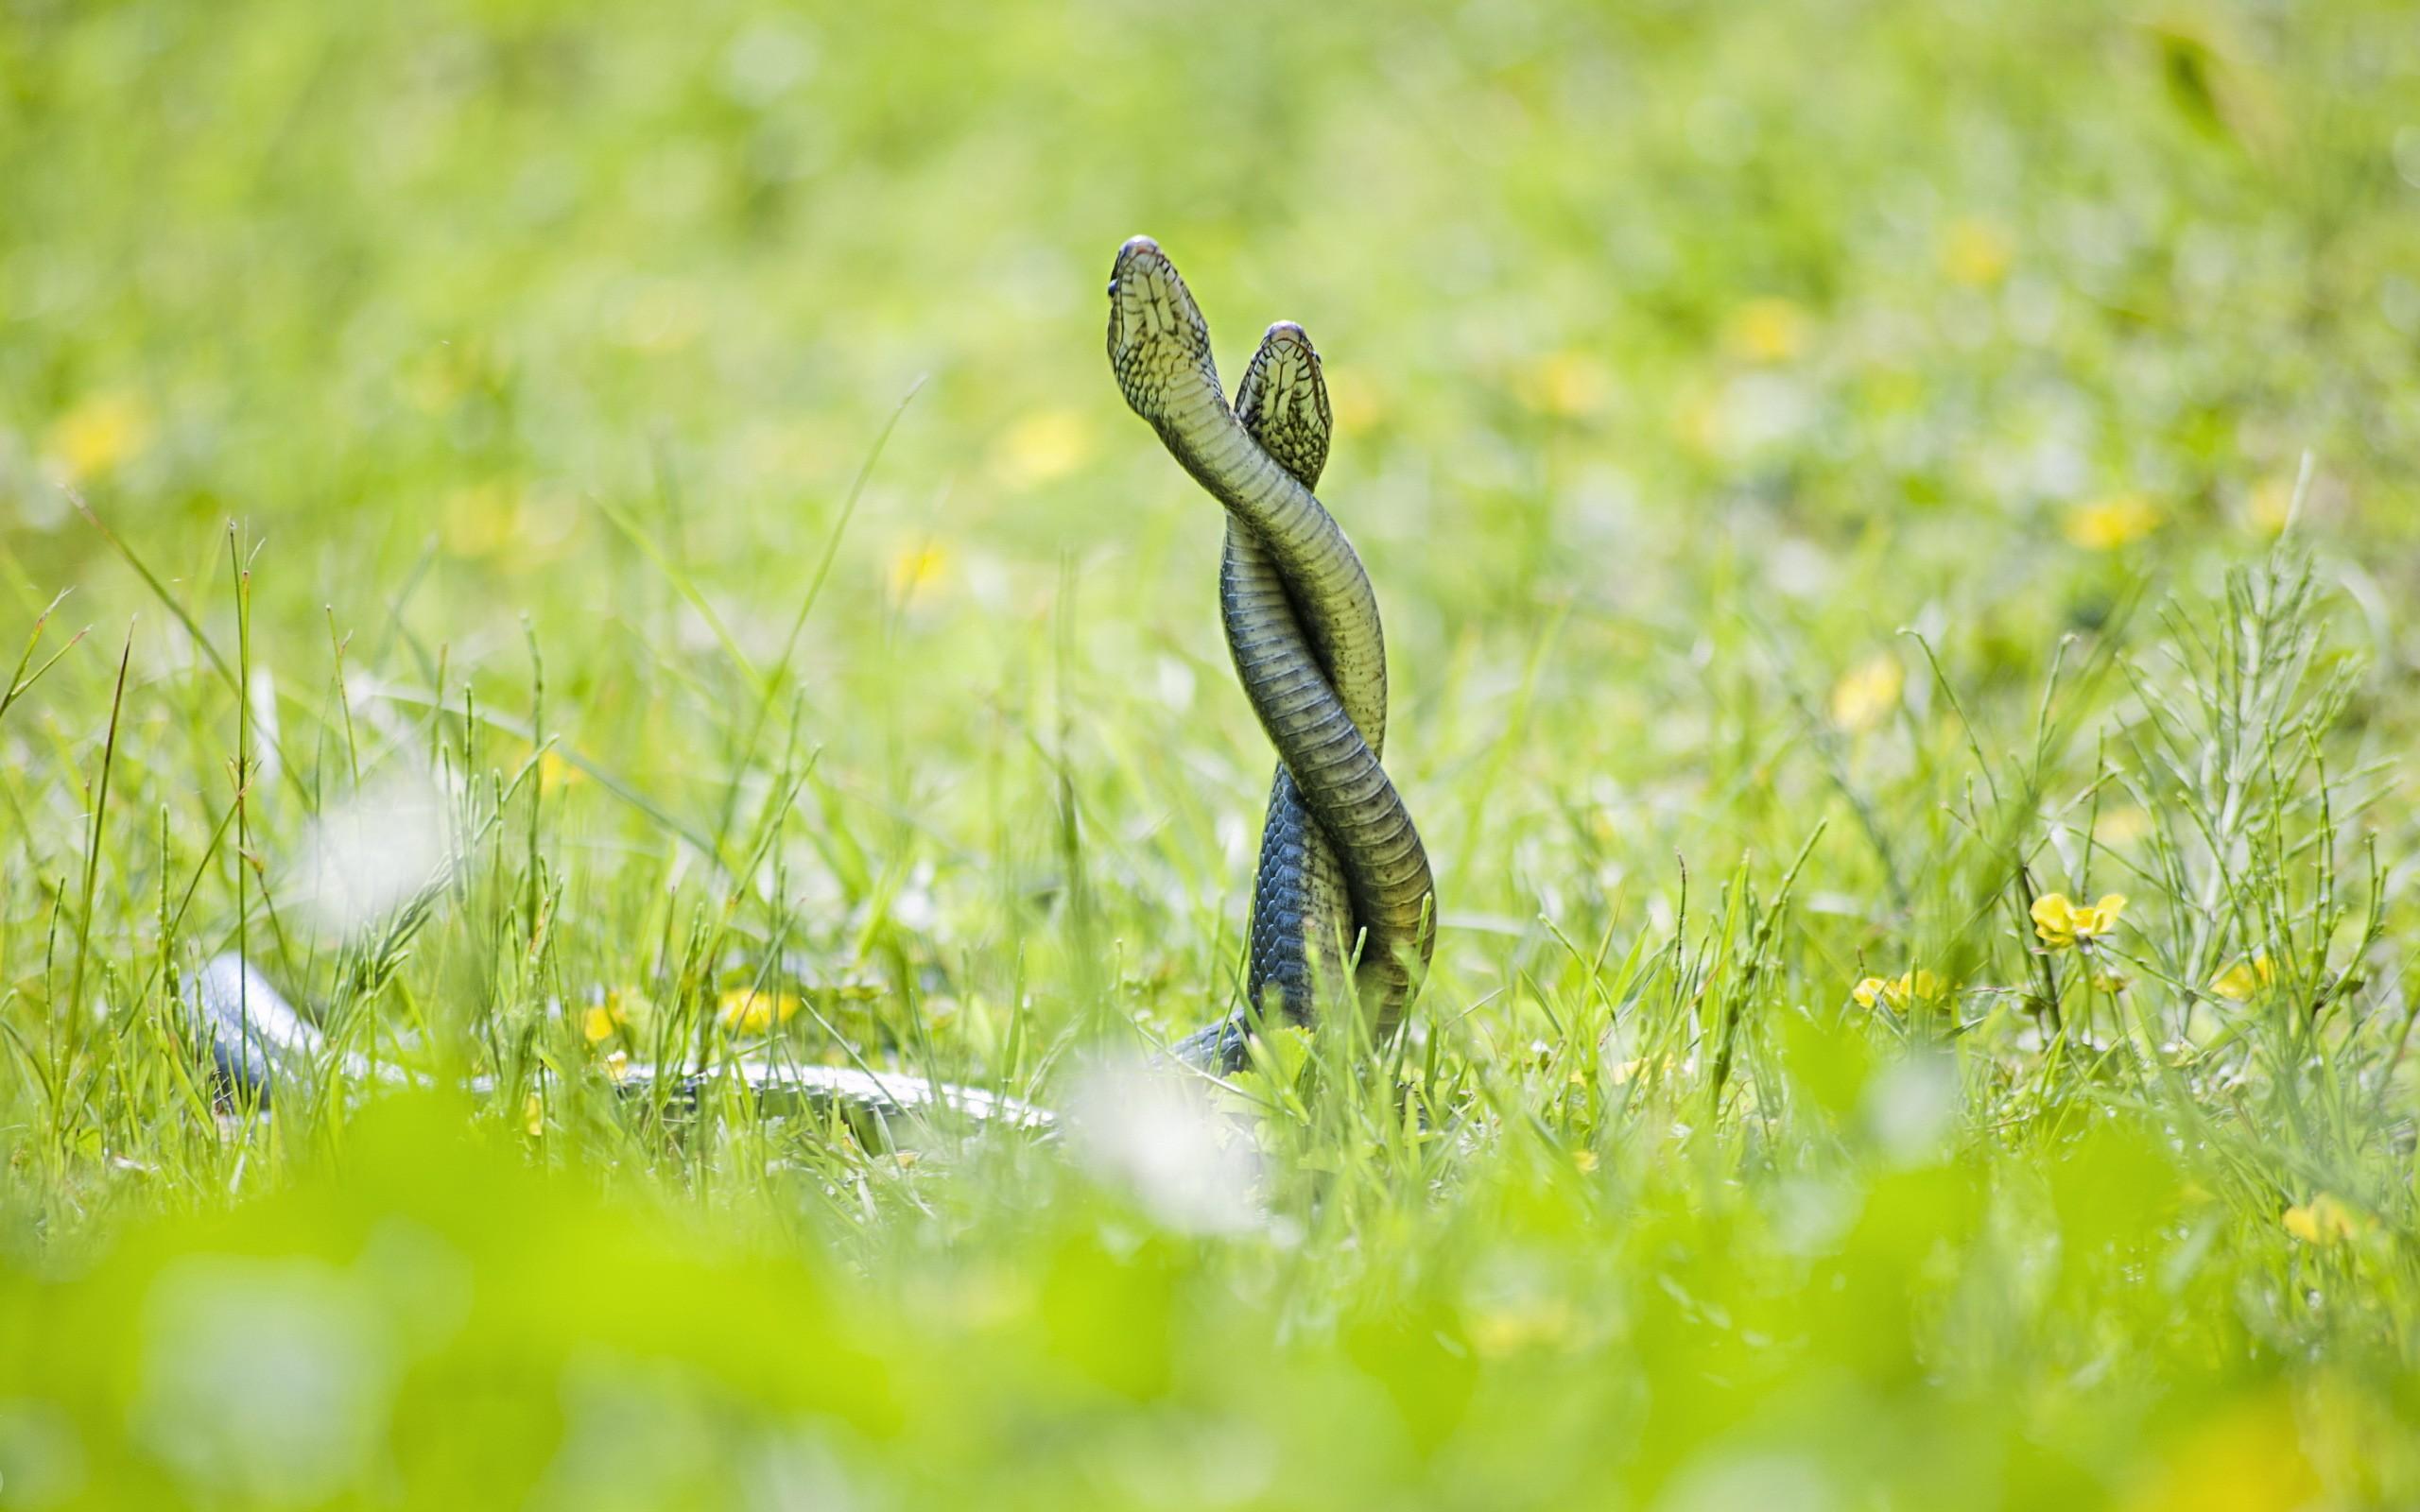 Pelea de serpientes - 2560x1600